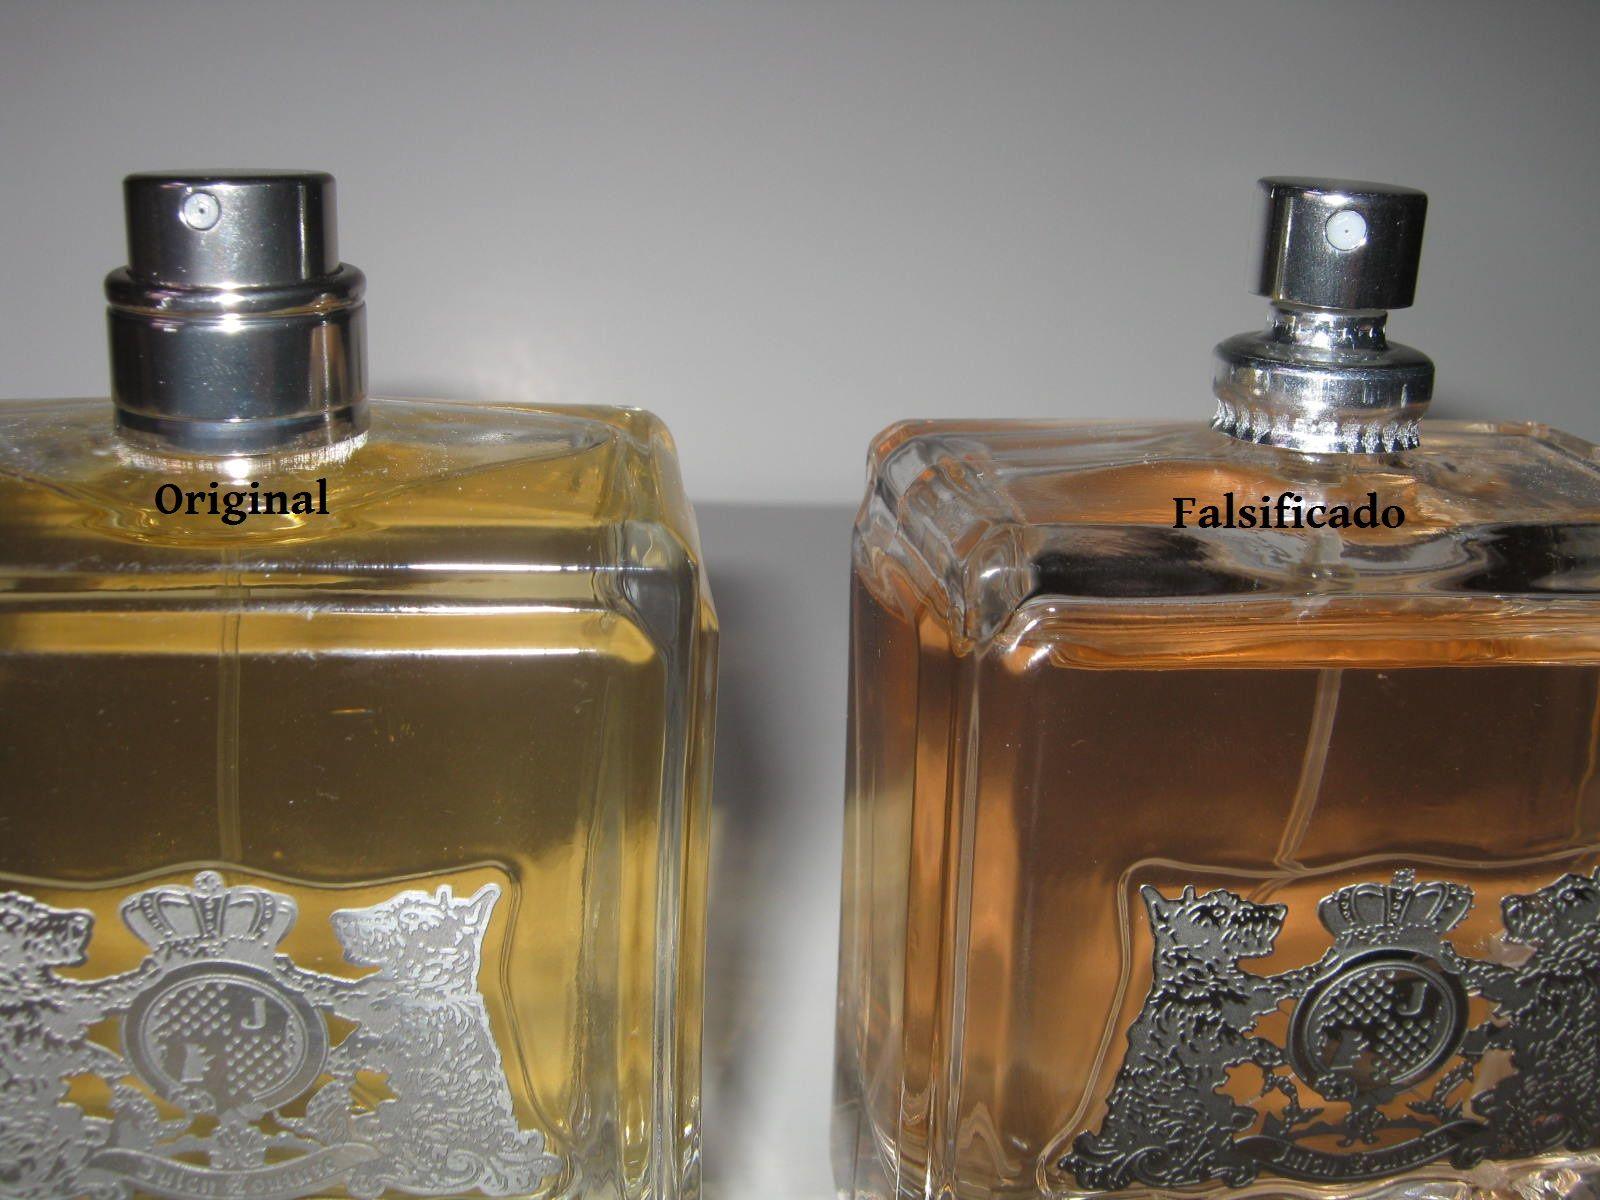 Resultado de imagen para Perfumes falsificados